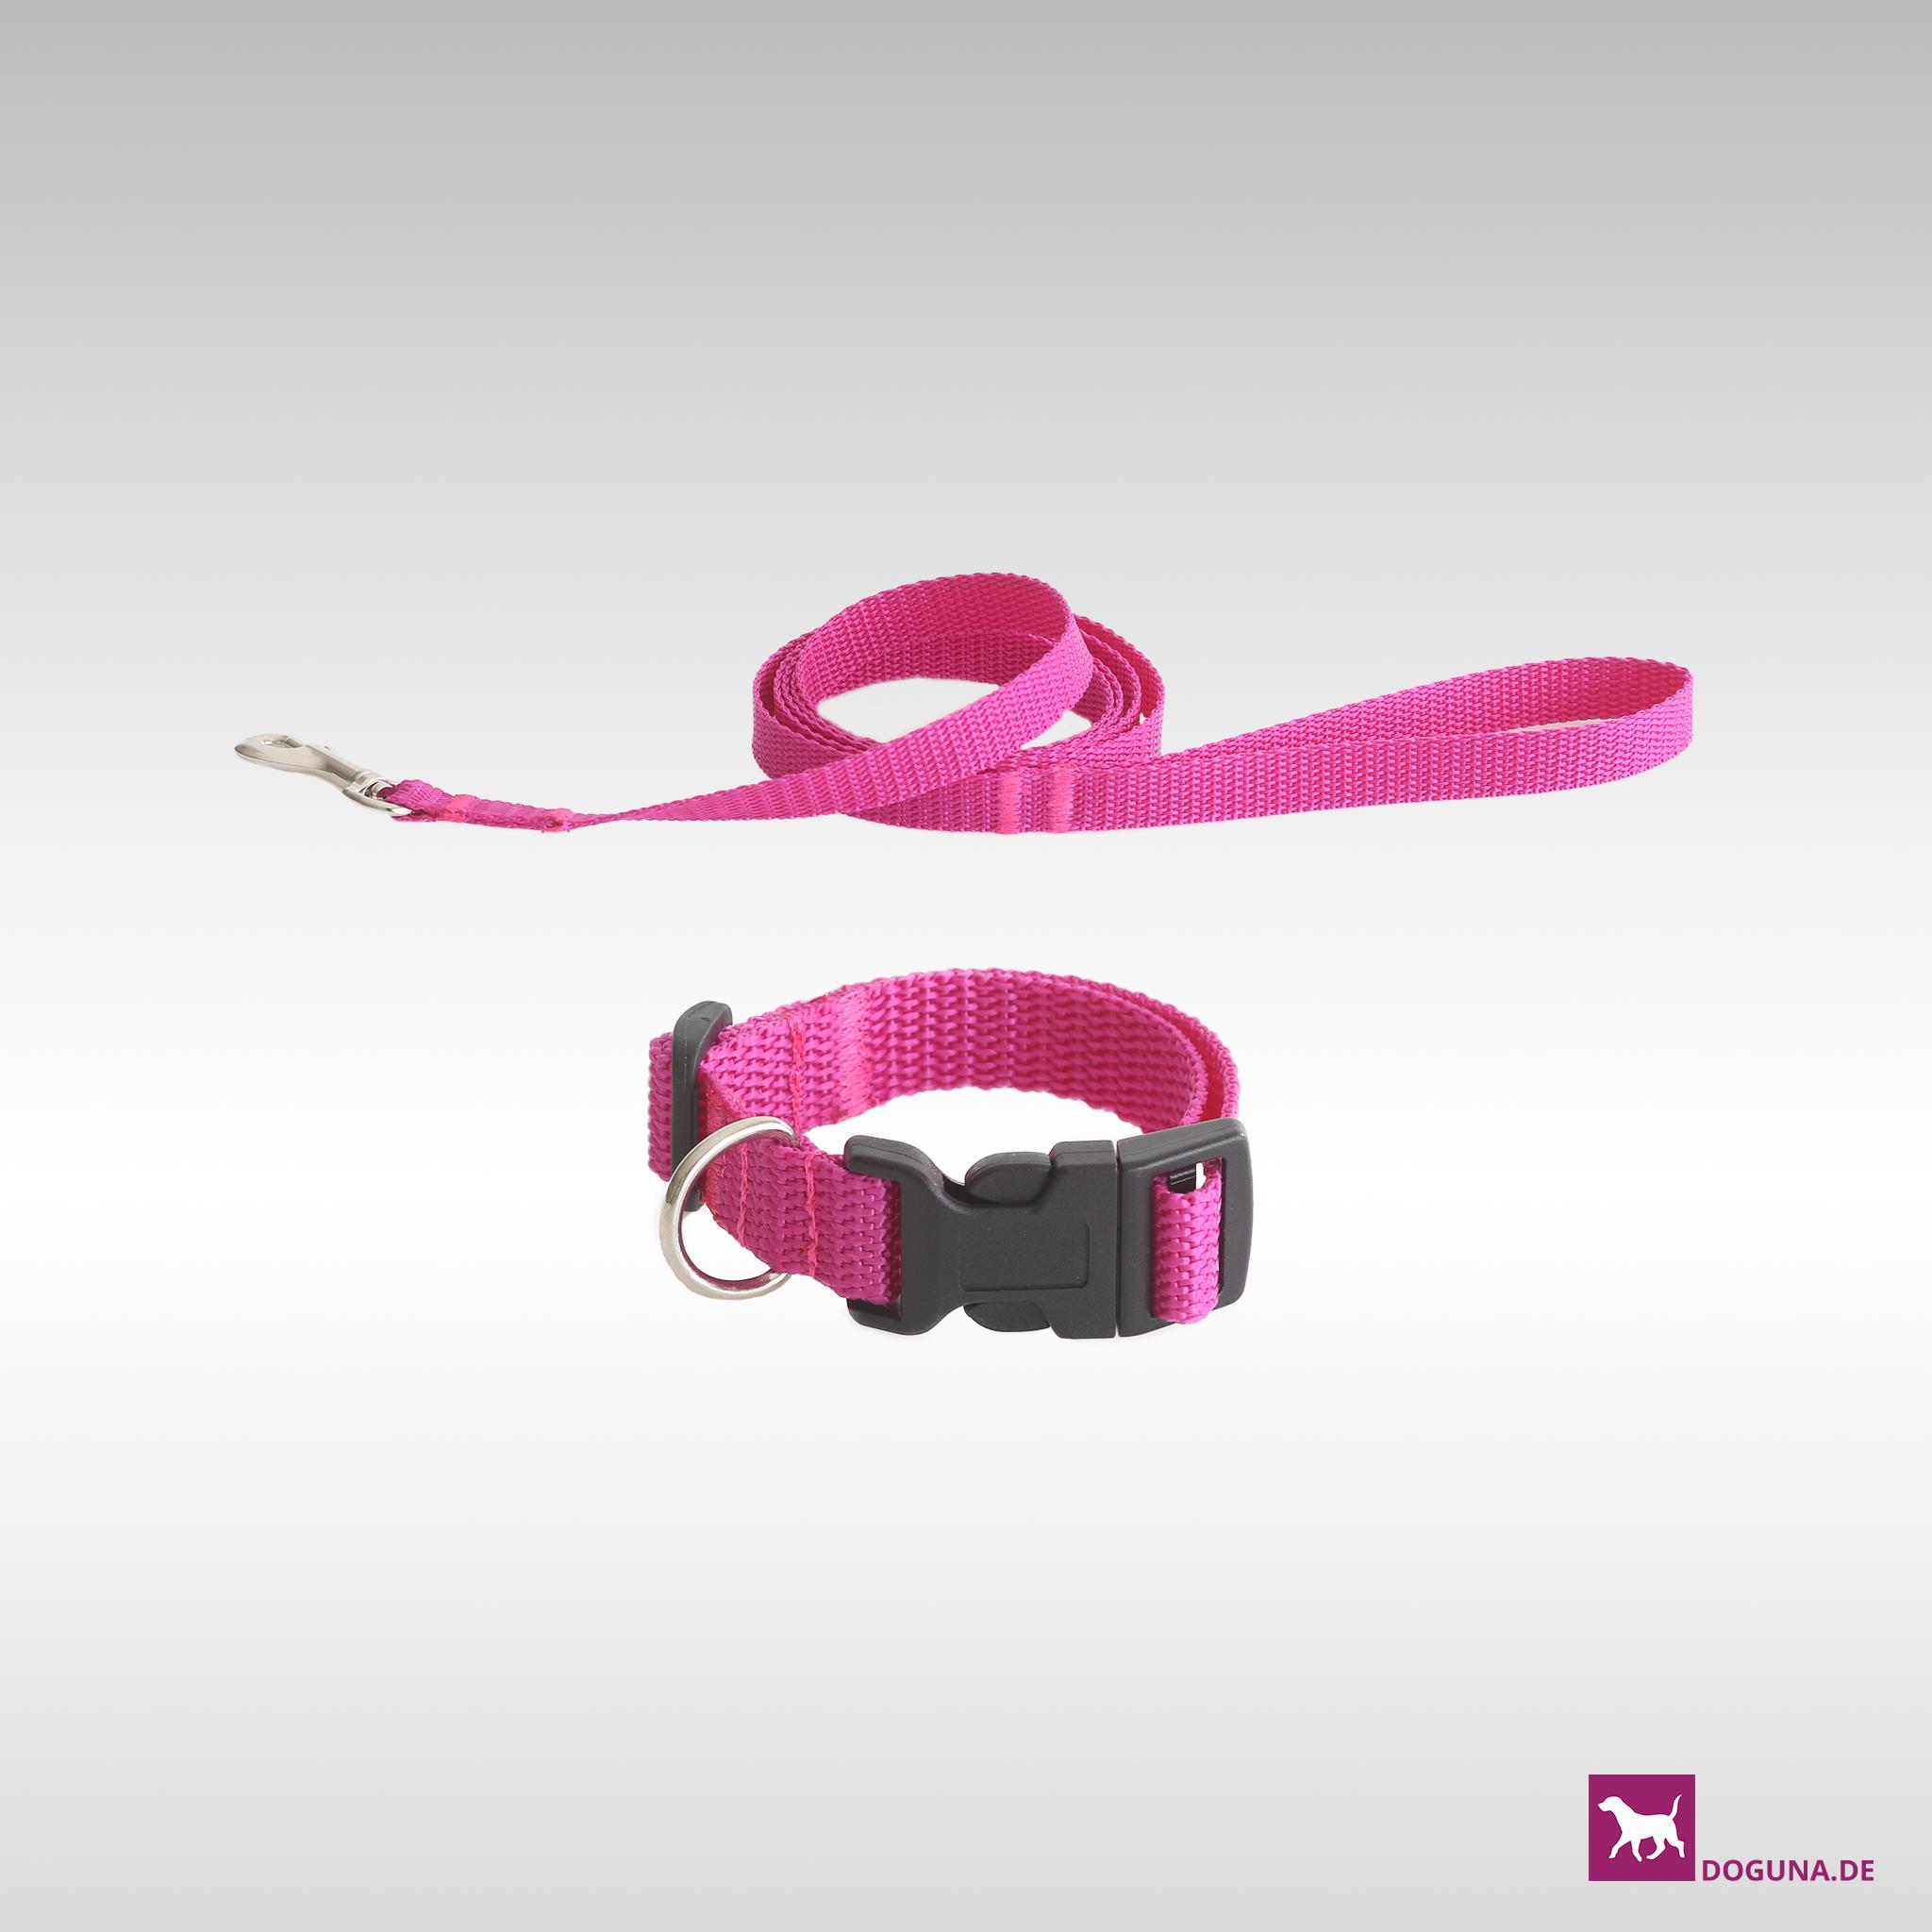 halsband leinen set f r kleine hunde z b chihuahuas und welpen farbe pink. Black Bedroom Furniture Sets. Home Design Ideas